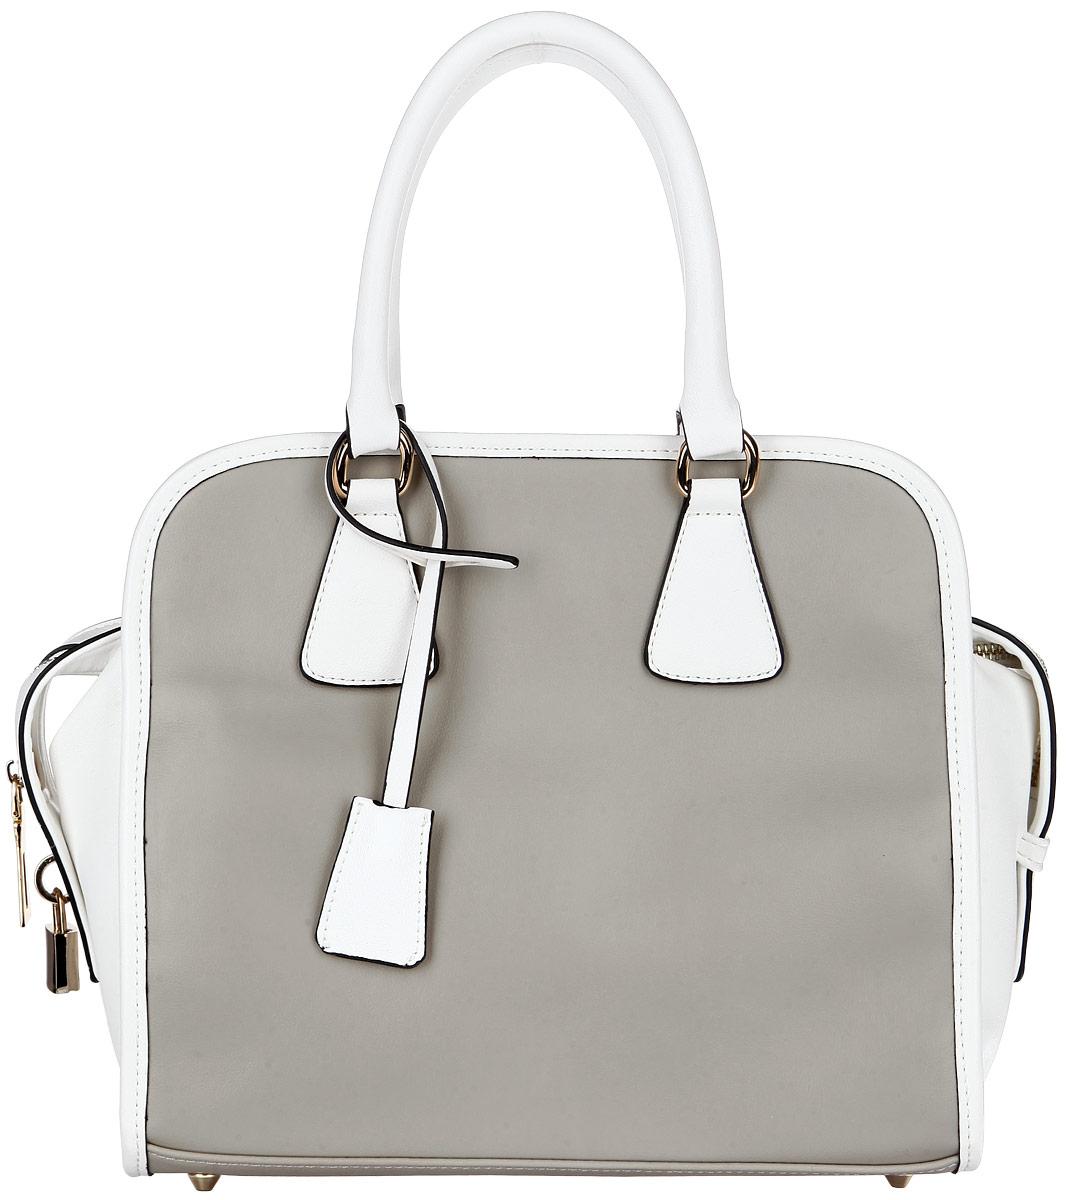 Сумка женская Renee Kler, цвет: белый, серый. RK186-14RK186-14Элегантная женская сумка Renee Kler выполнена из искусственной кожи с гладкой фактурой, оформлена декоративной подвеской в виде замочка. Изделие содержит одно основное отделение, закрывающееся на застежку-молнию. Внутри сумки расположены два накладных кармашка для мелочей и врезной кармашек на застежке-молнии. Изделие оснащено двумя удобными ручками и съемным плечевым ремнем регулируемой длины. Дно изделия защищено от повреждений металлическими ножками. Модный аксессуар позволит вам завершить образ и быть неотразимой.